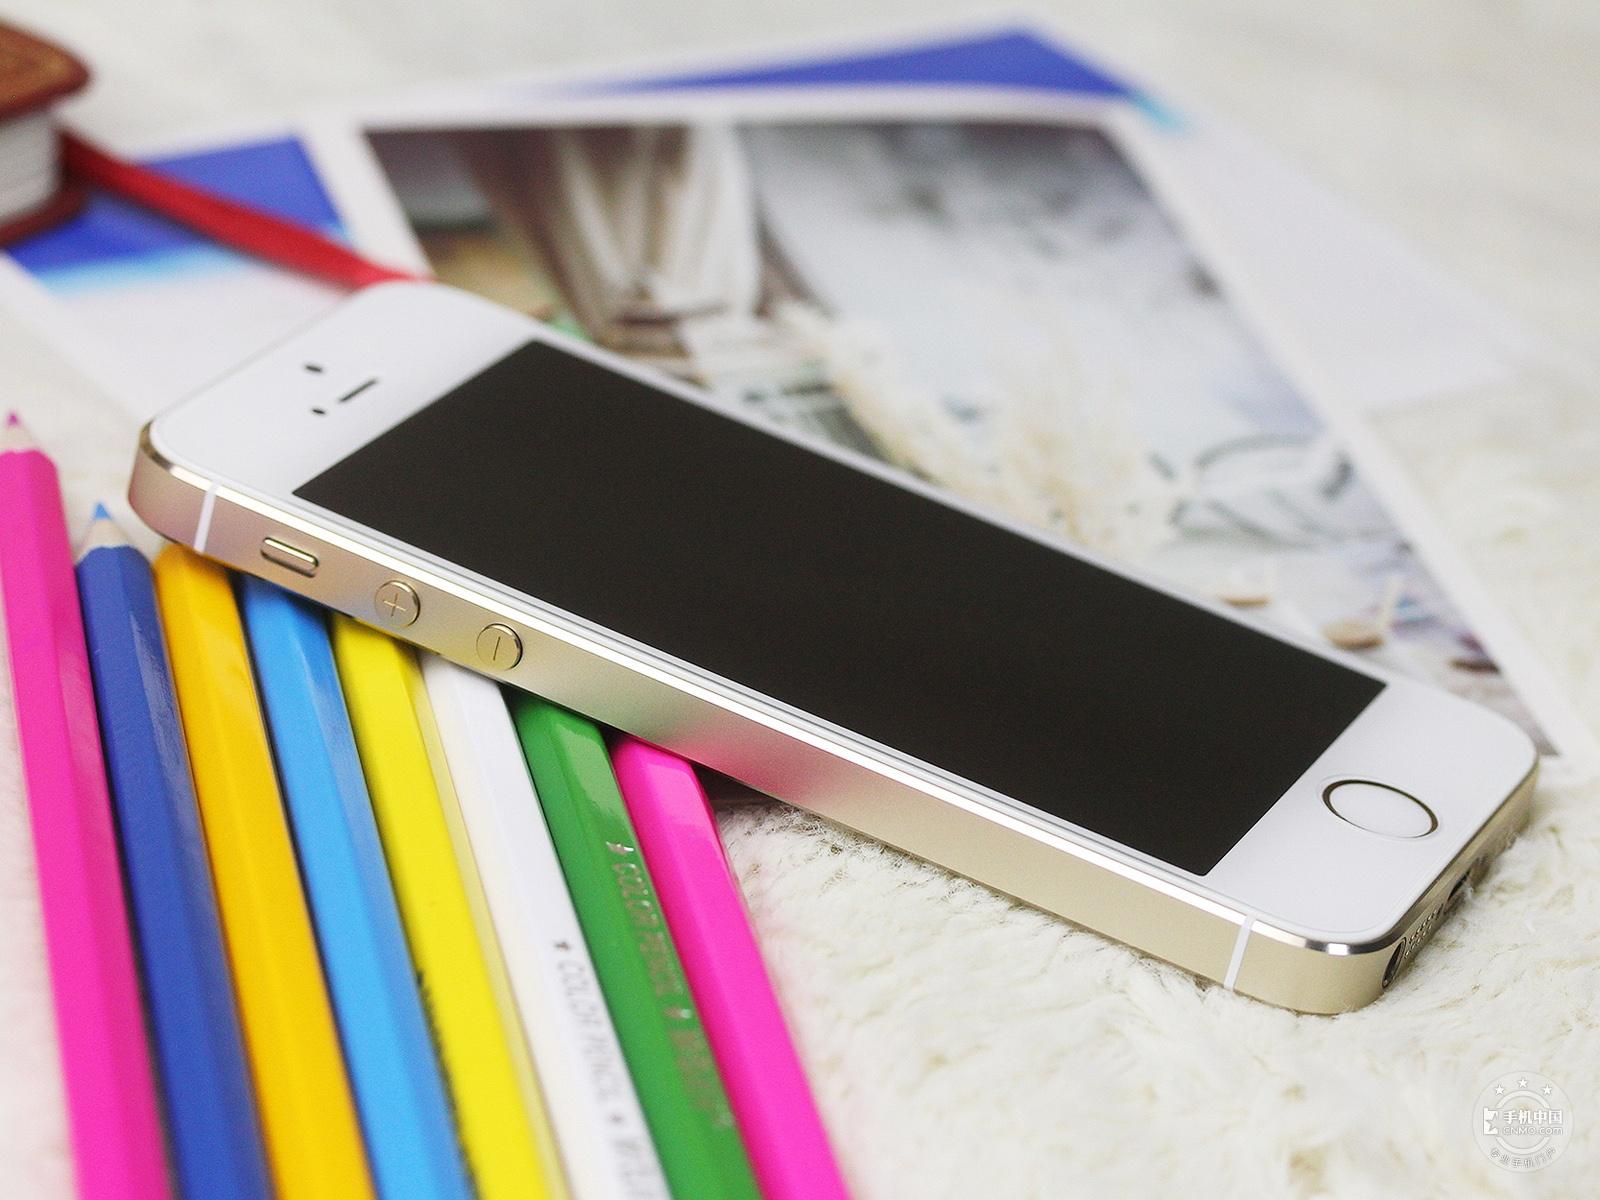 苹果iPhone5s(16GB)整体外观第4张